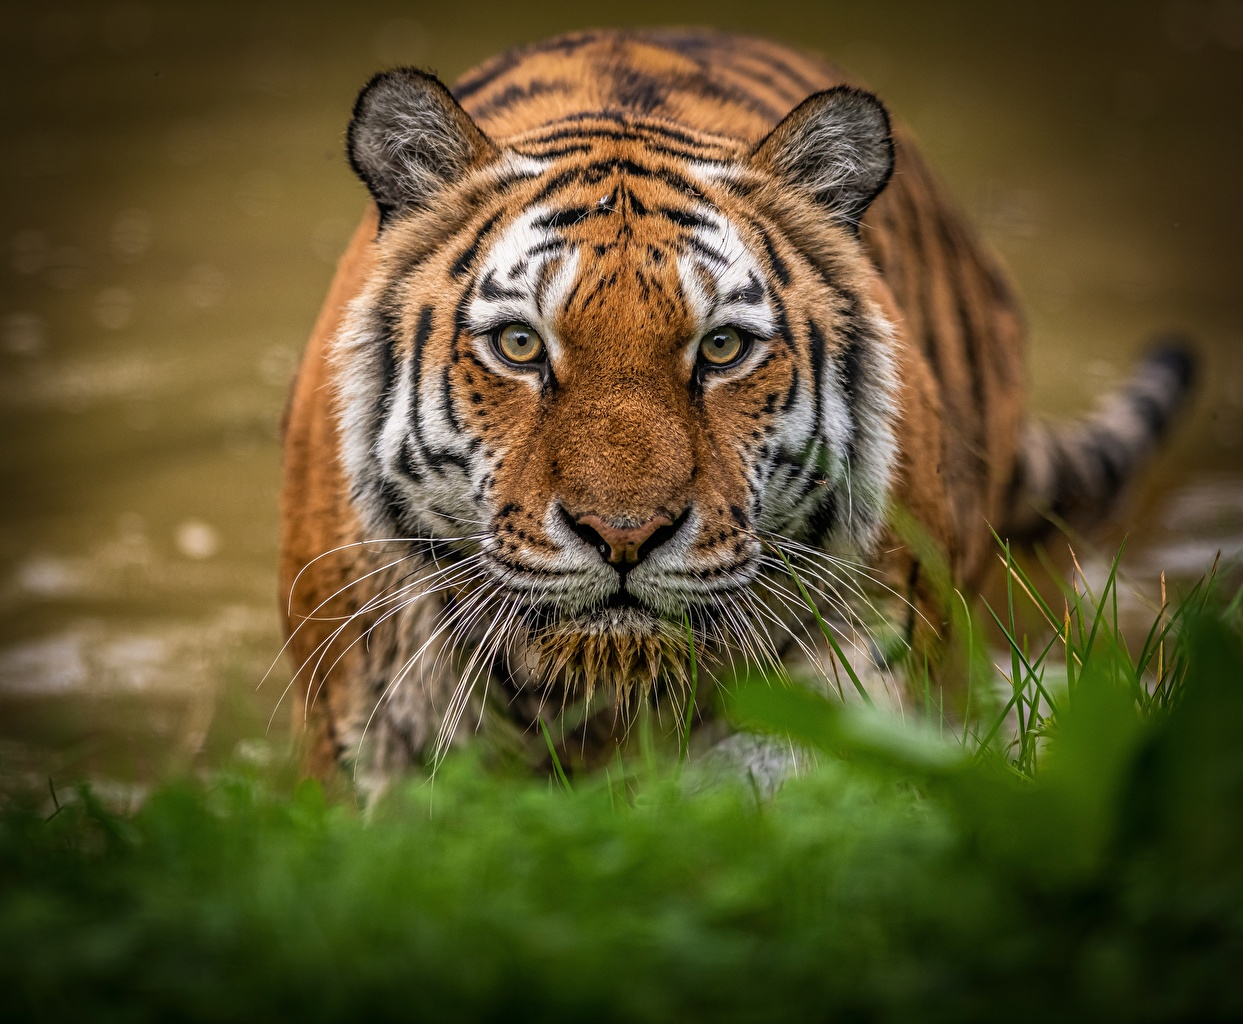 Fotos Tiger Schnauze Tiere Blick Starren ein Tier